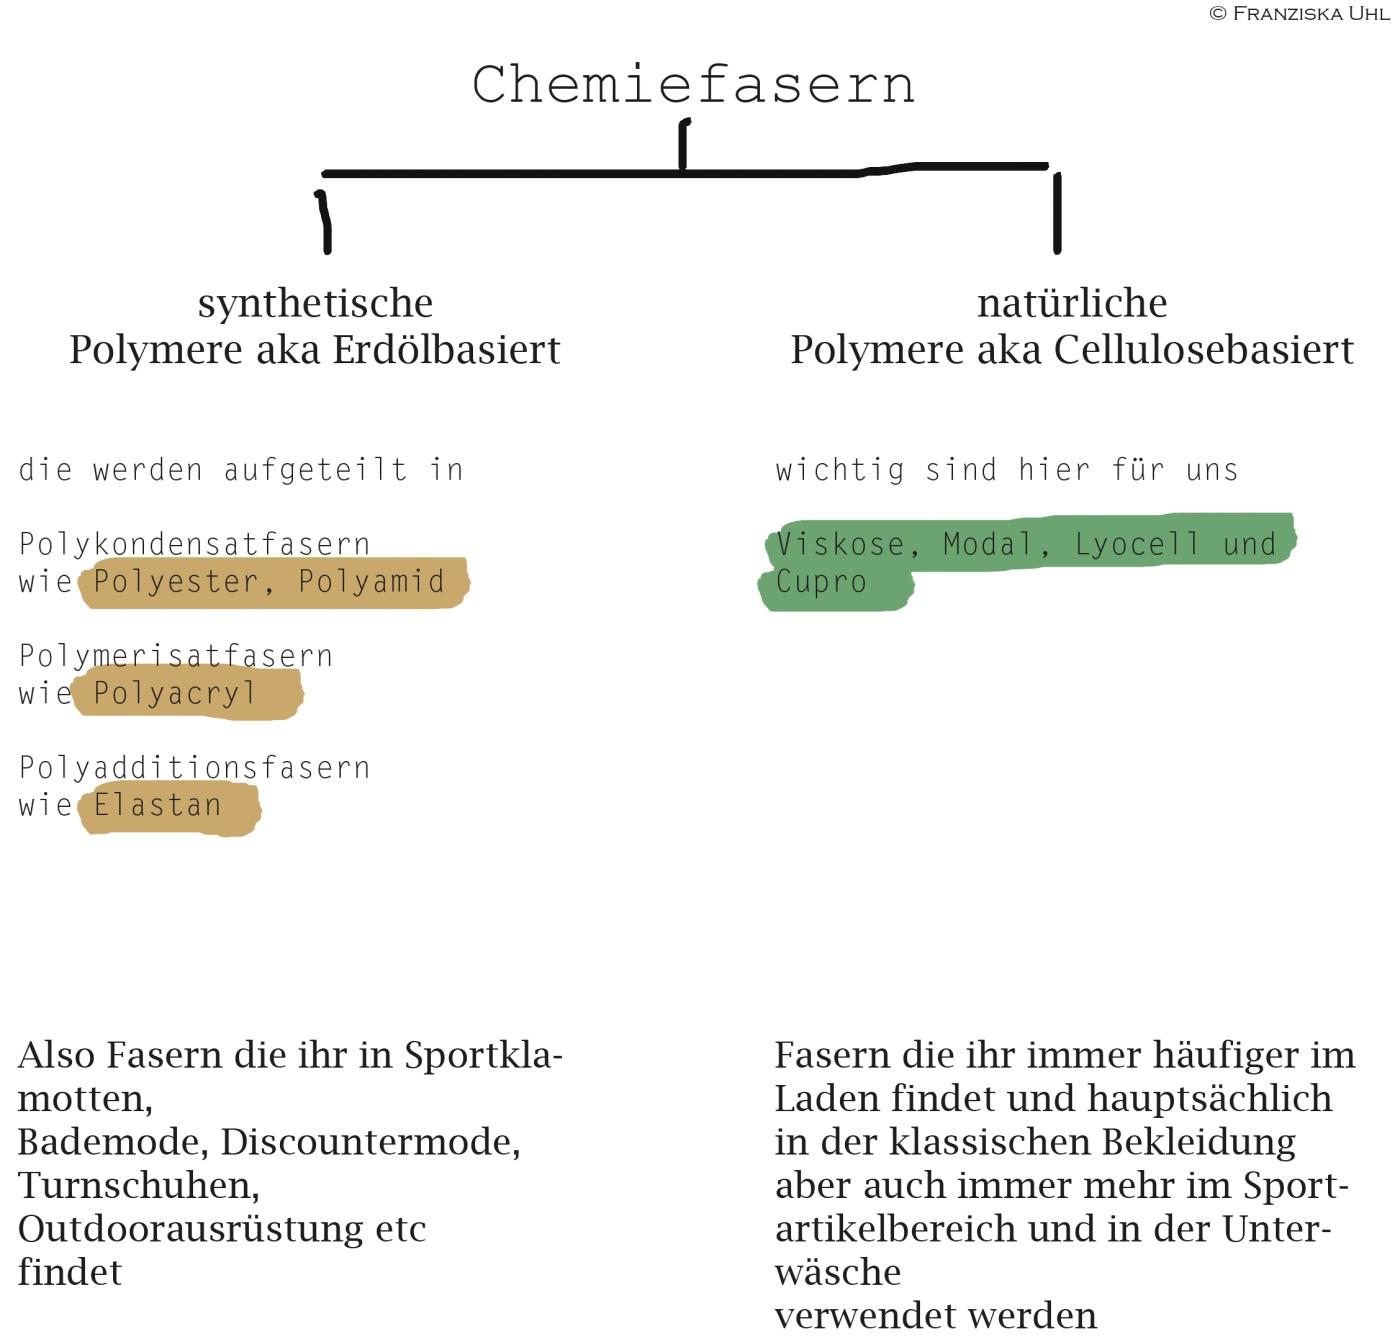 chemicals1